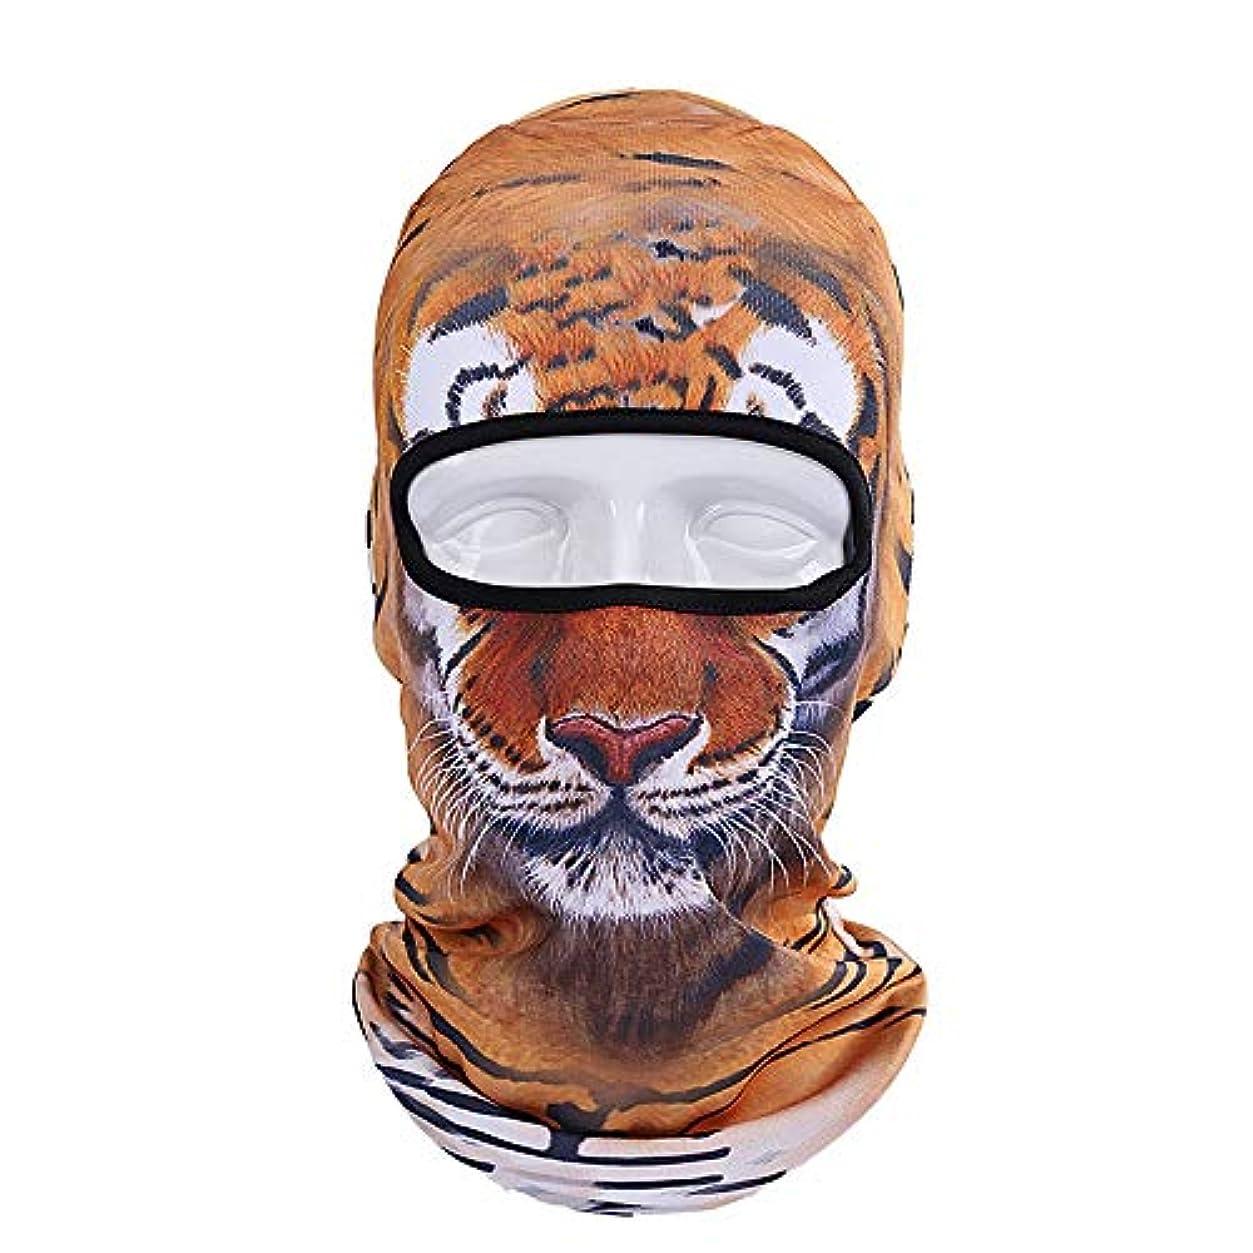 肘掛け椅子オフセット製造温he アニマル柄360度サンプロテクションサンシェードフェイスジニ Facekini (パターン : Tiger)